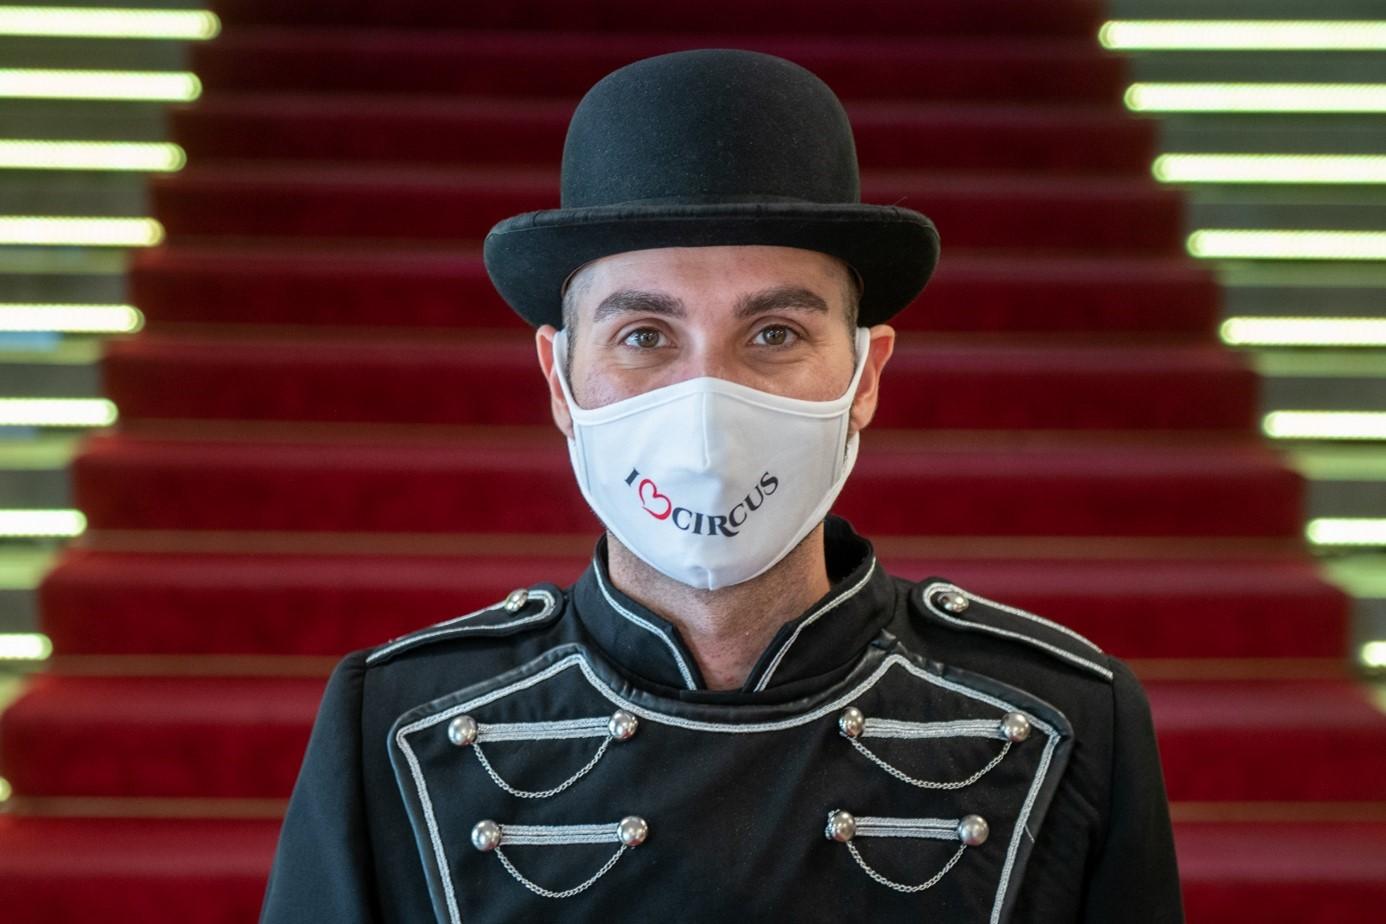 Az európai cirkuszok közül utolsóként zárt be a Fővárosi Nagycirkusz / The Capital Circus of Budapest – The last circus in Europe to close its doors